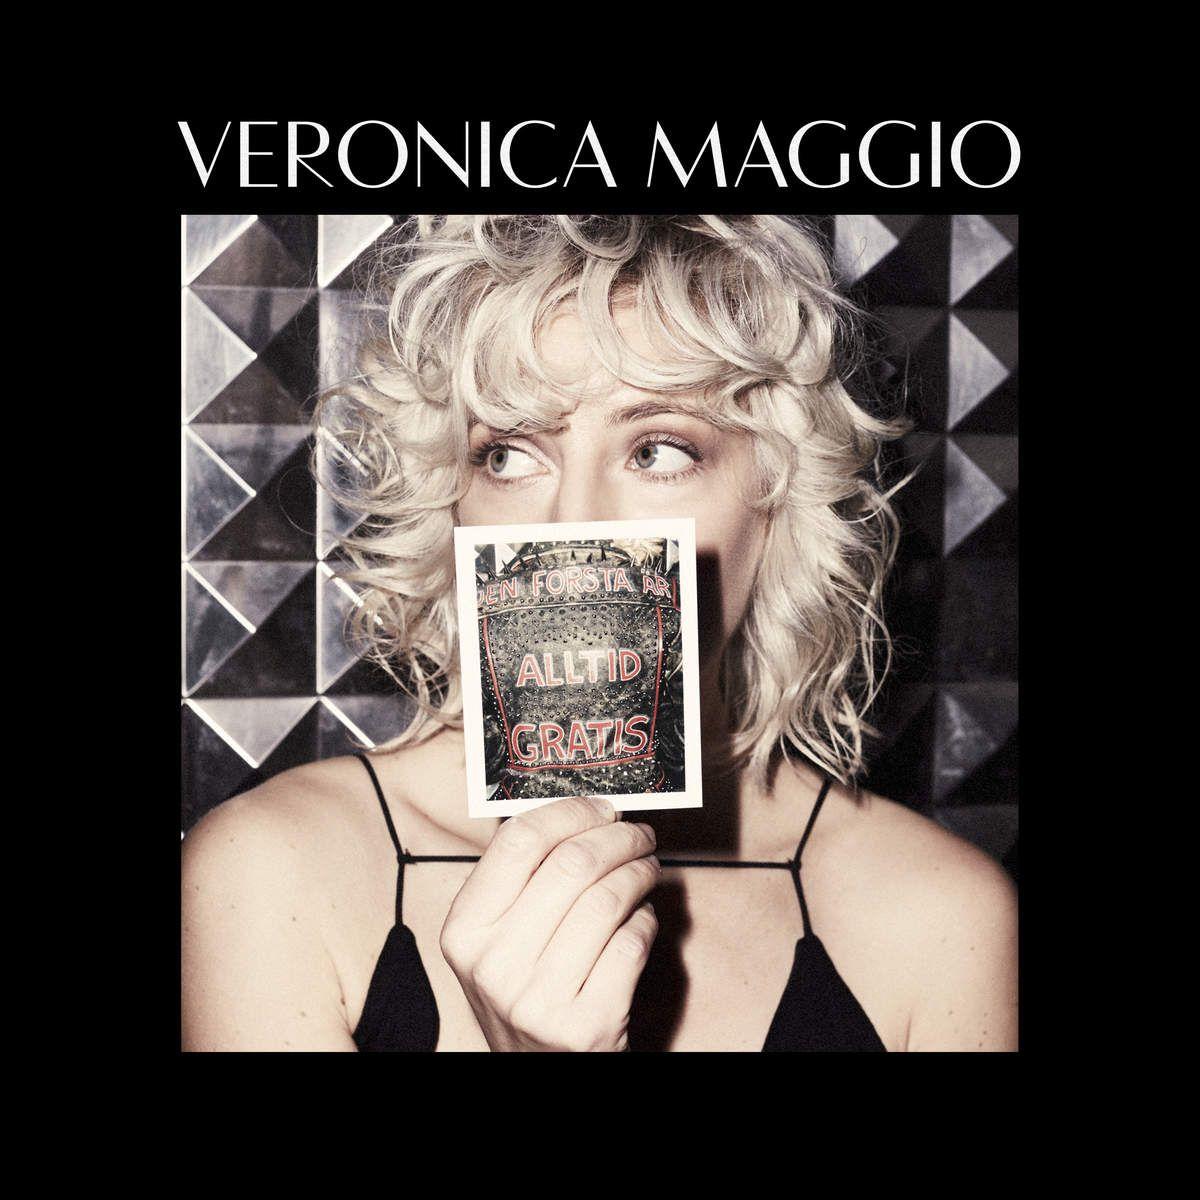 Veronica Maggio - Den Första är Alltid Gratis album cover